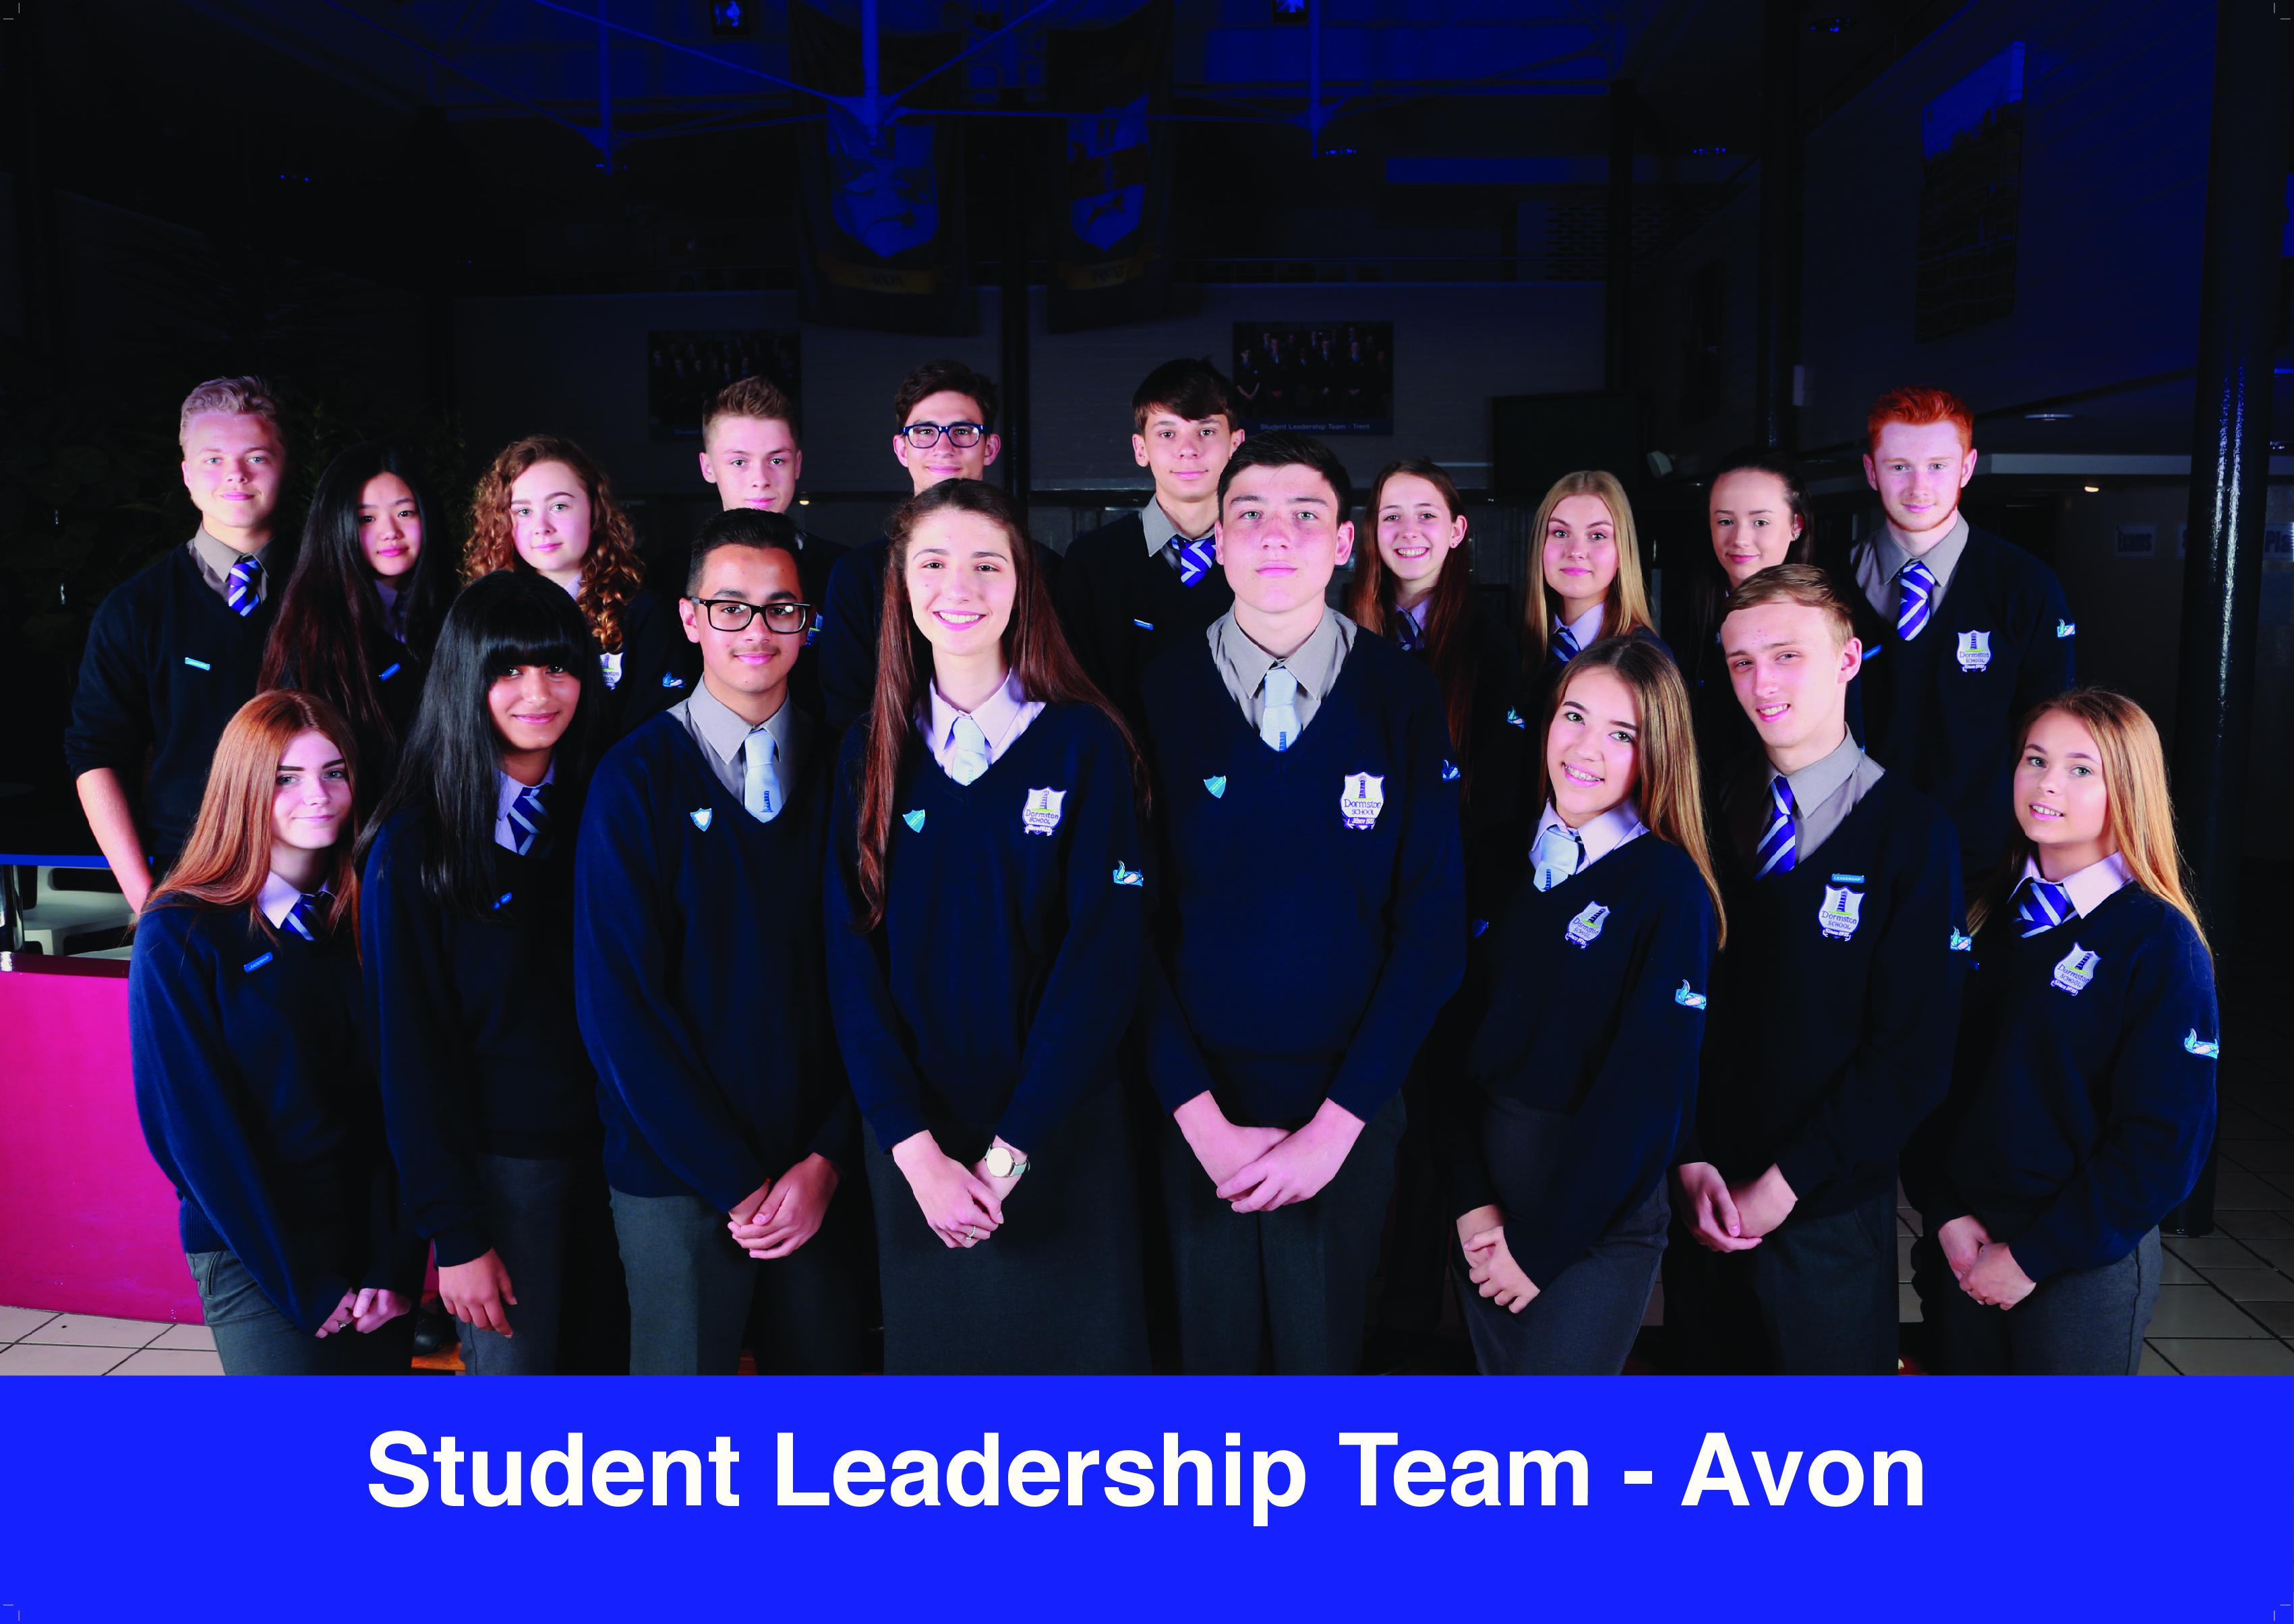 Leadershipteam avon